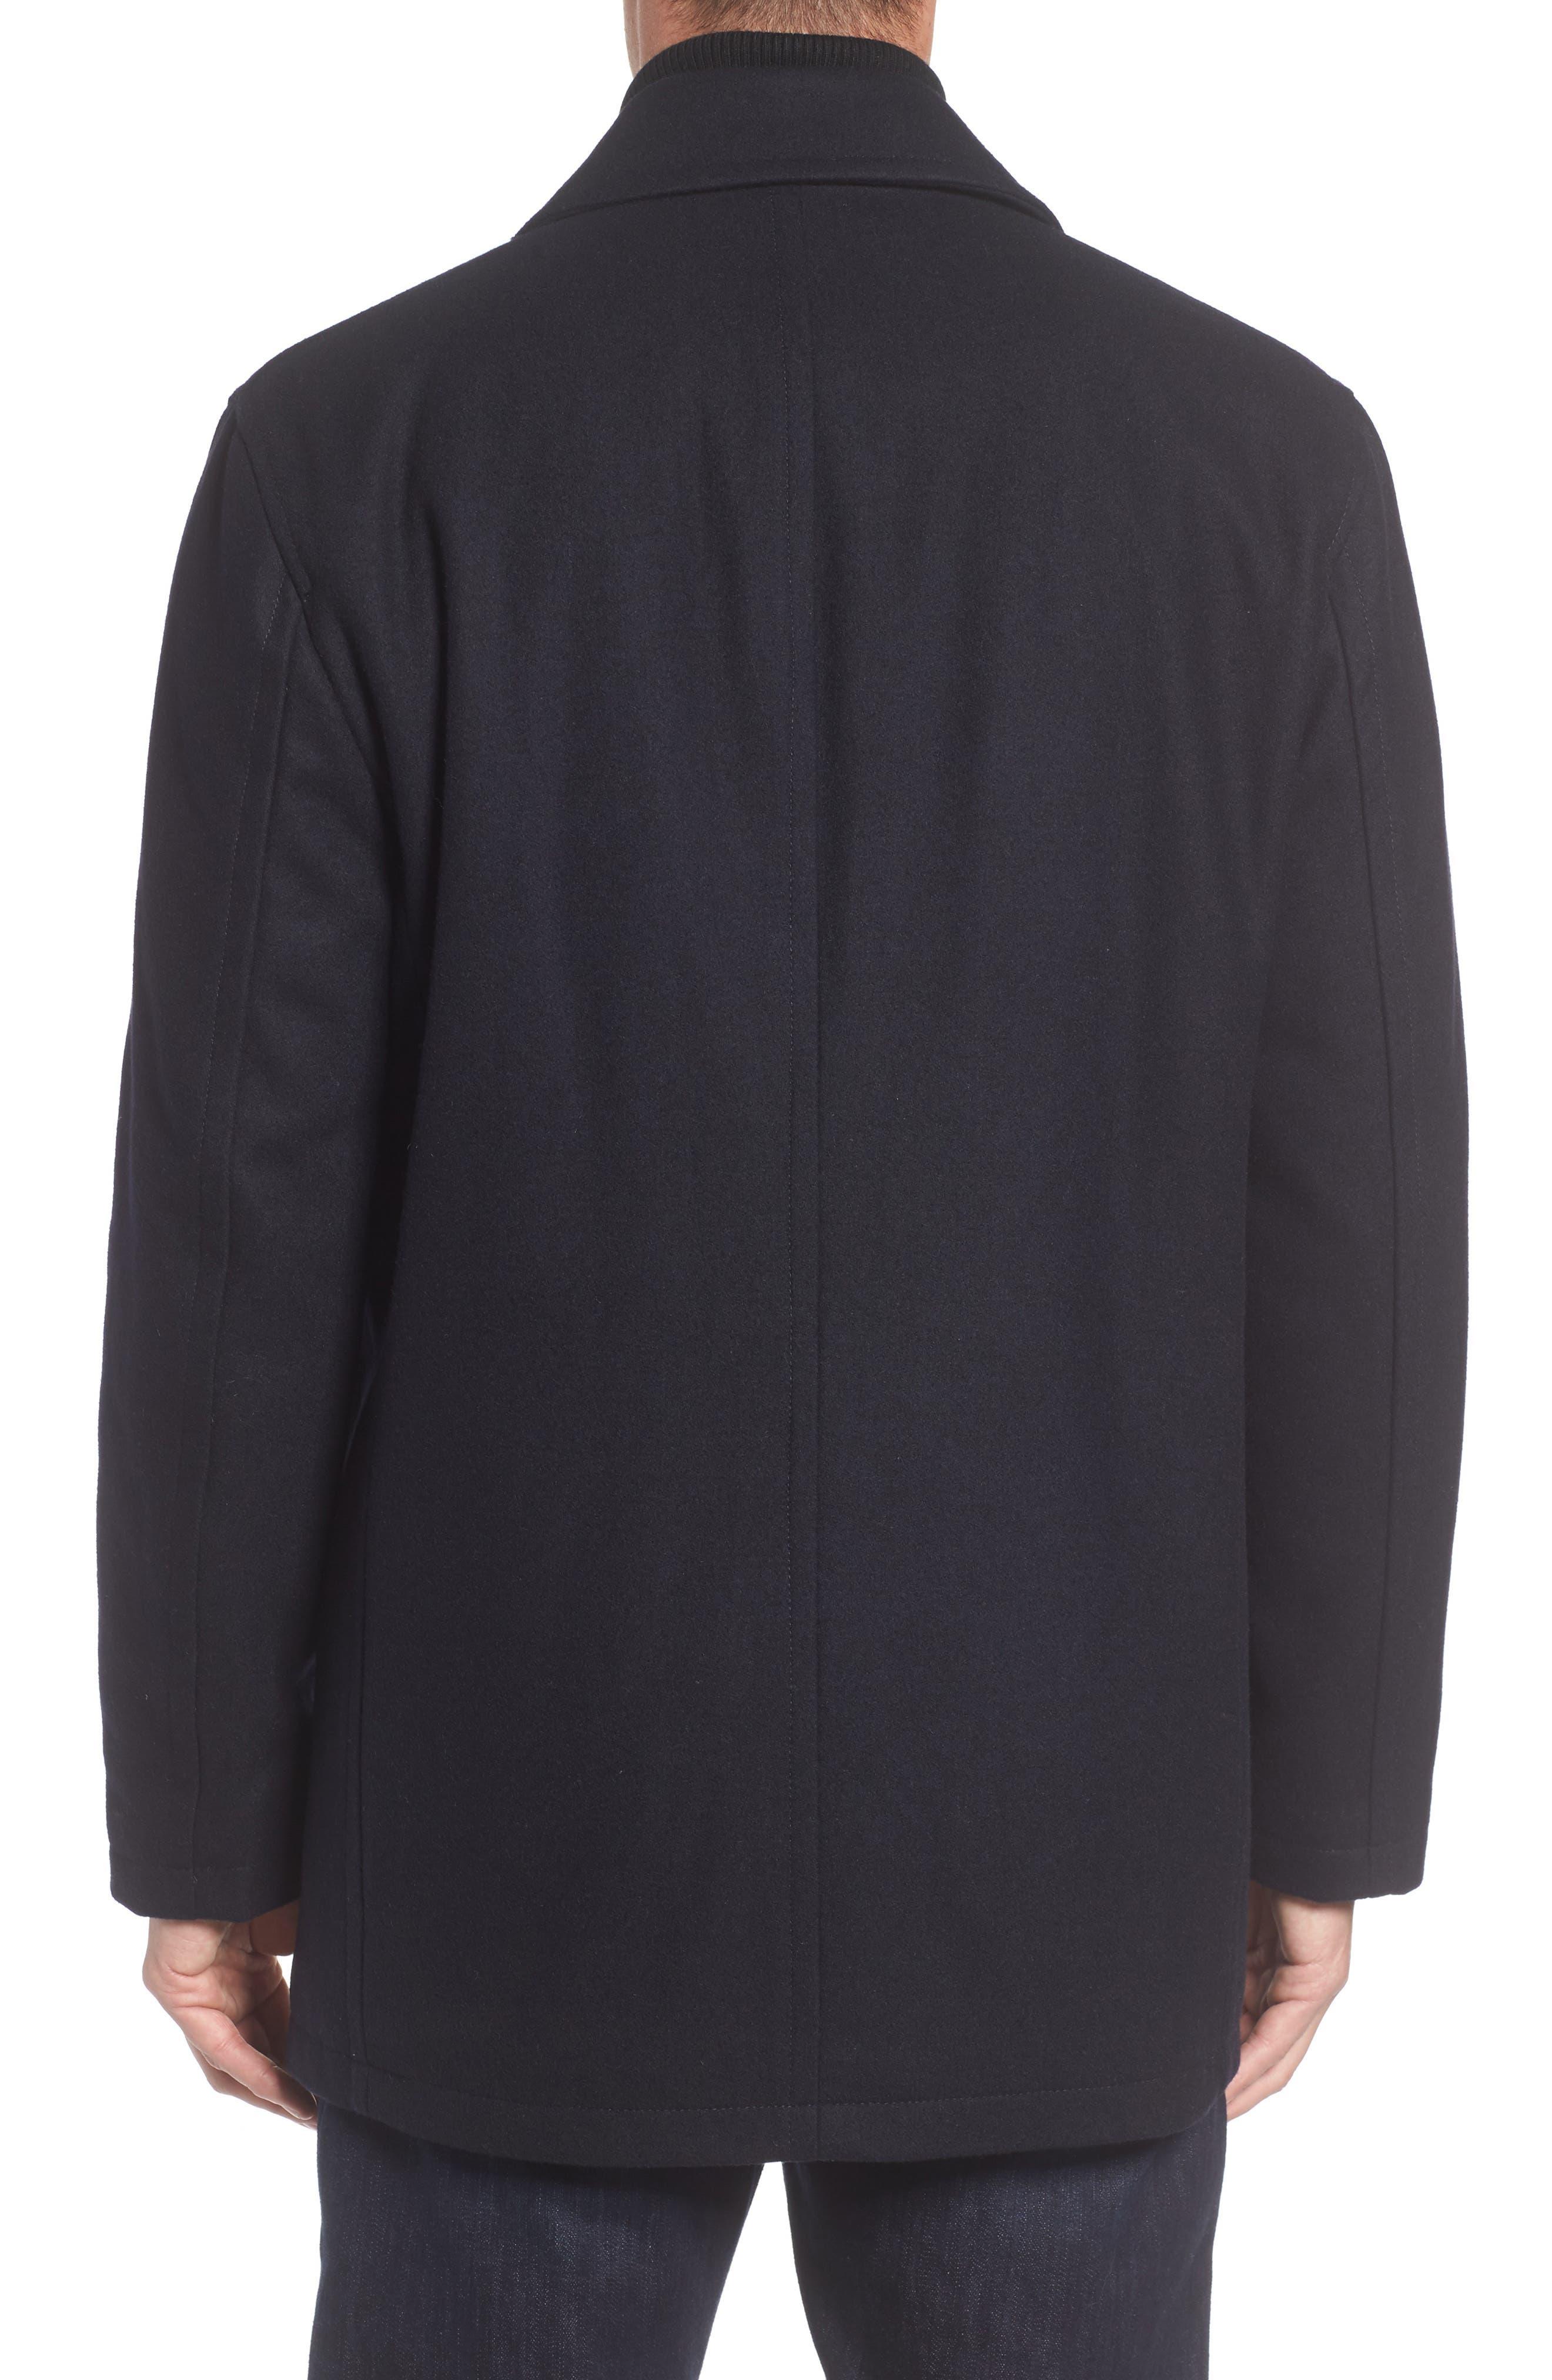 Alternate Image 2  - Marc New York Burnett Wool Blend Peacoat with Front Insert